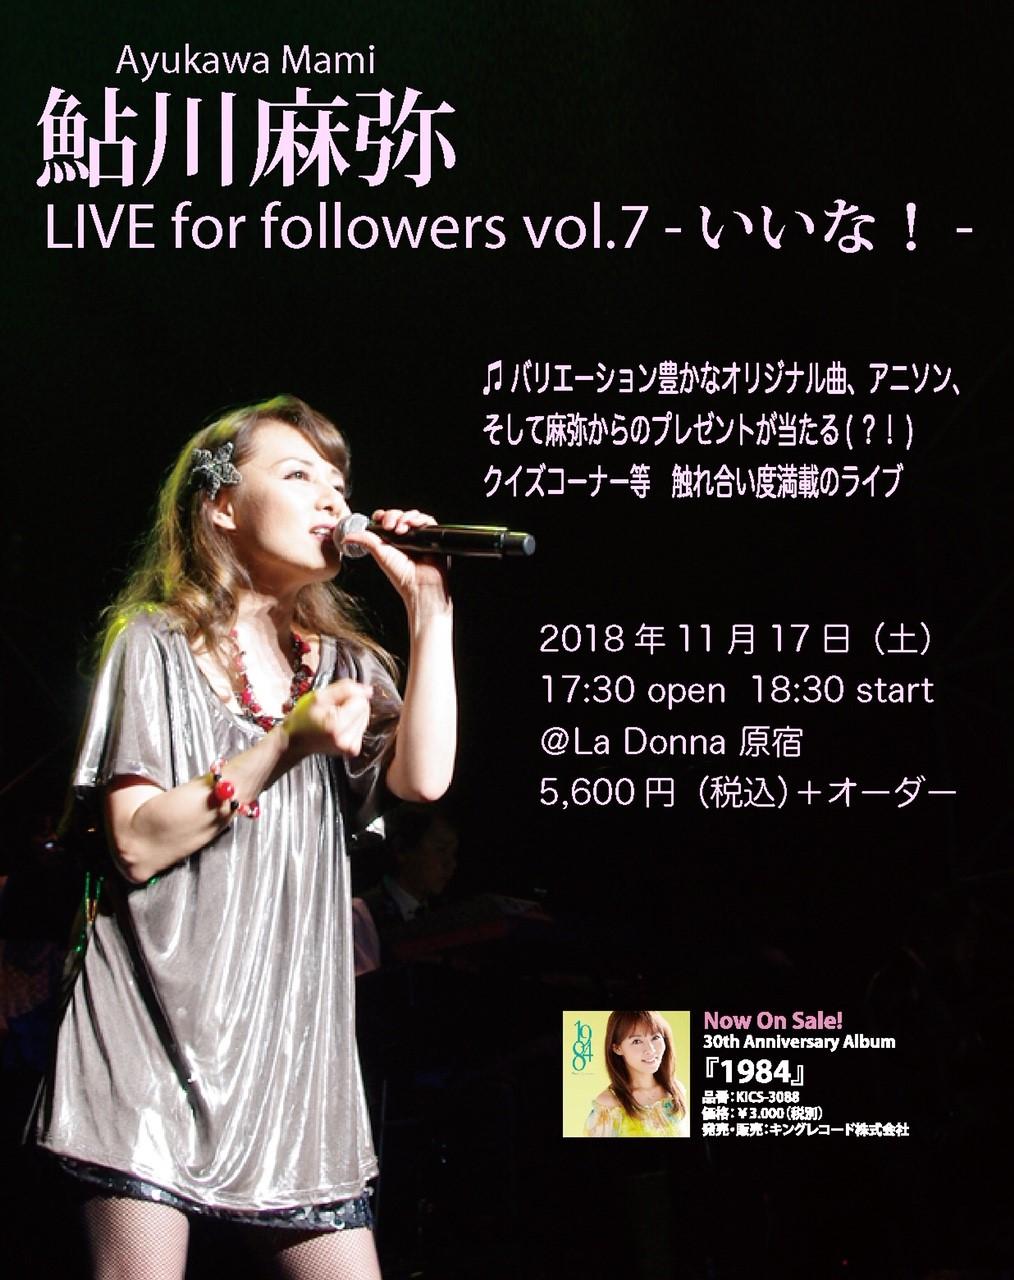 鮎川麻弥LIVE for followers vol.7